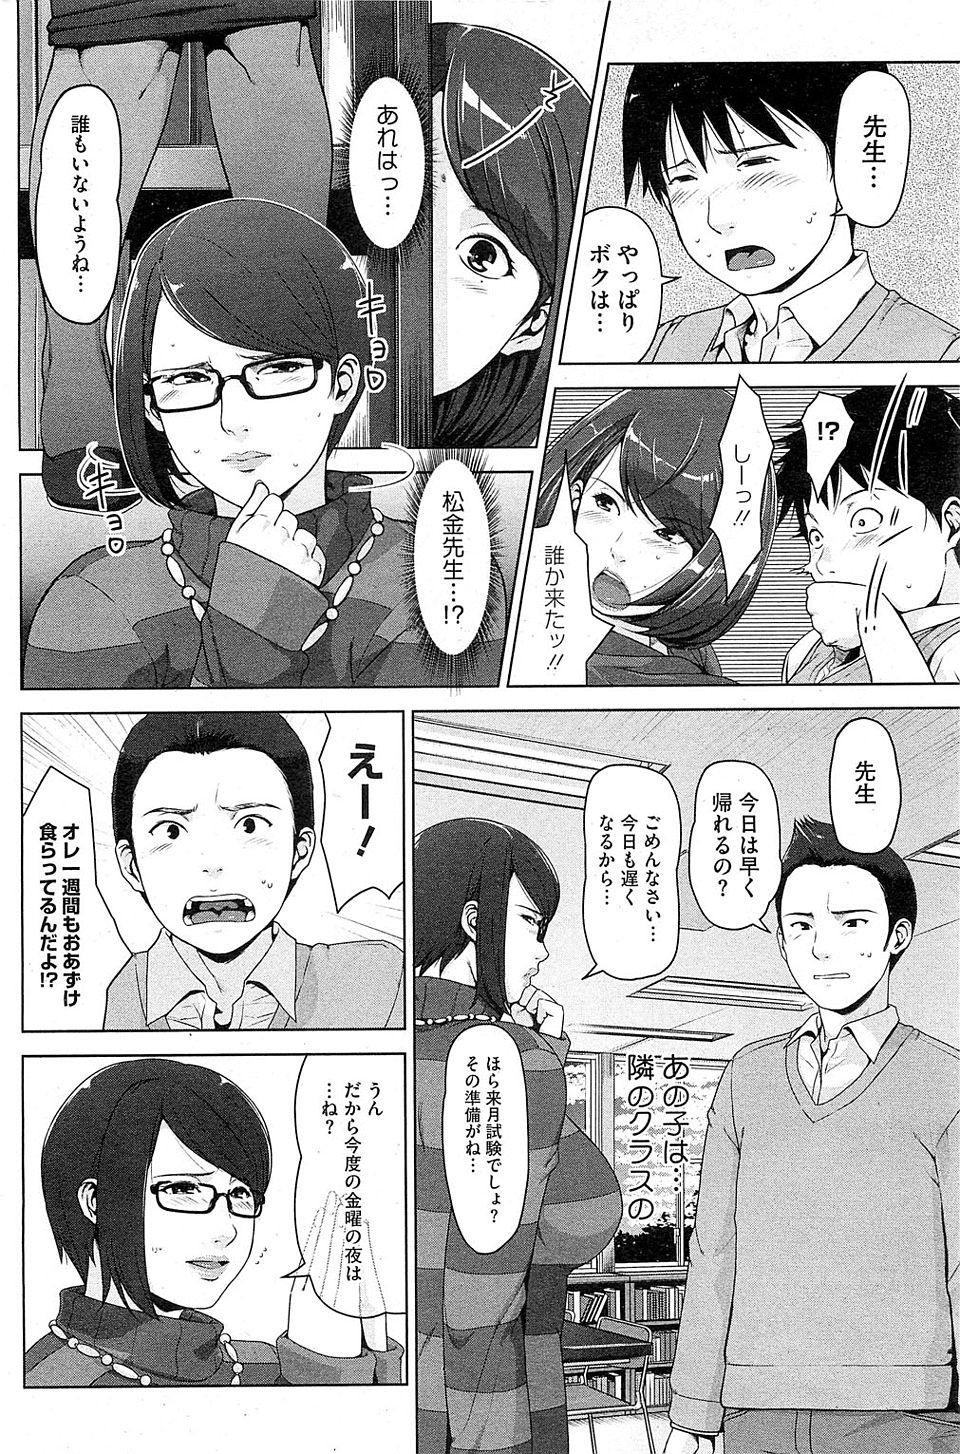 【エロ漫画・エロ同人誌】巨乳JDの教育実習生に誘惑されてセックスしますたwww (10)